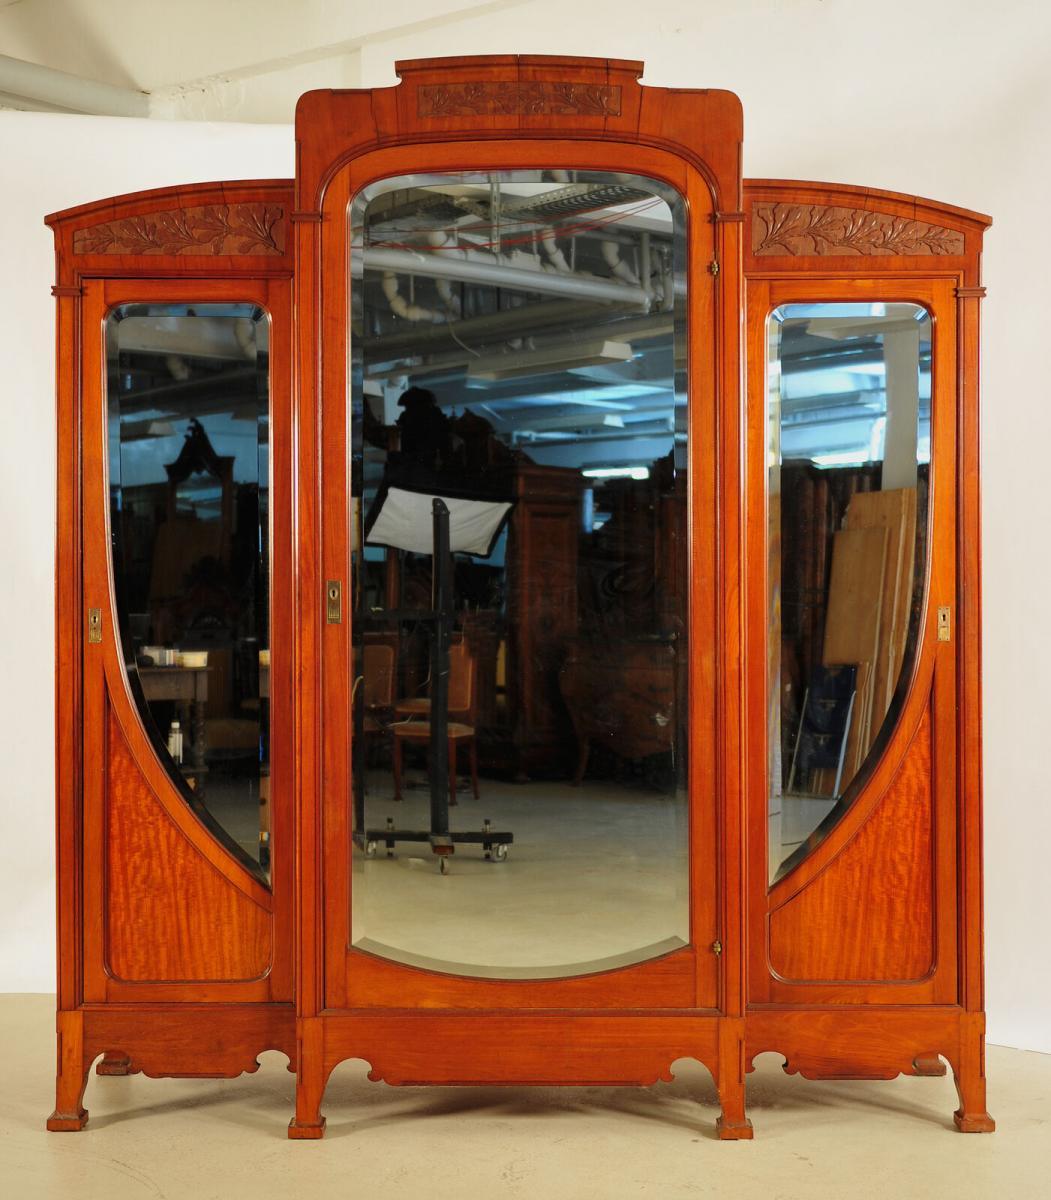 9 Teiliges Pariser Jugendstil Schlafzimmer Aus Mahagoni Um 1900 Antik Kolosseum Nr 392638853181 Oldthing Schlafzimmer